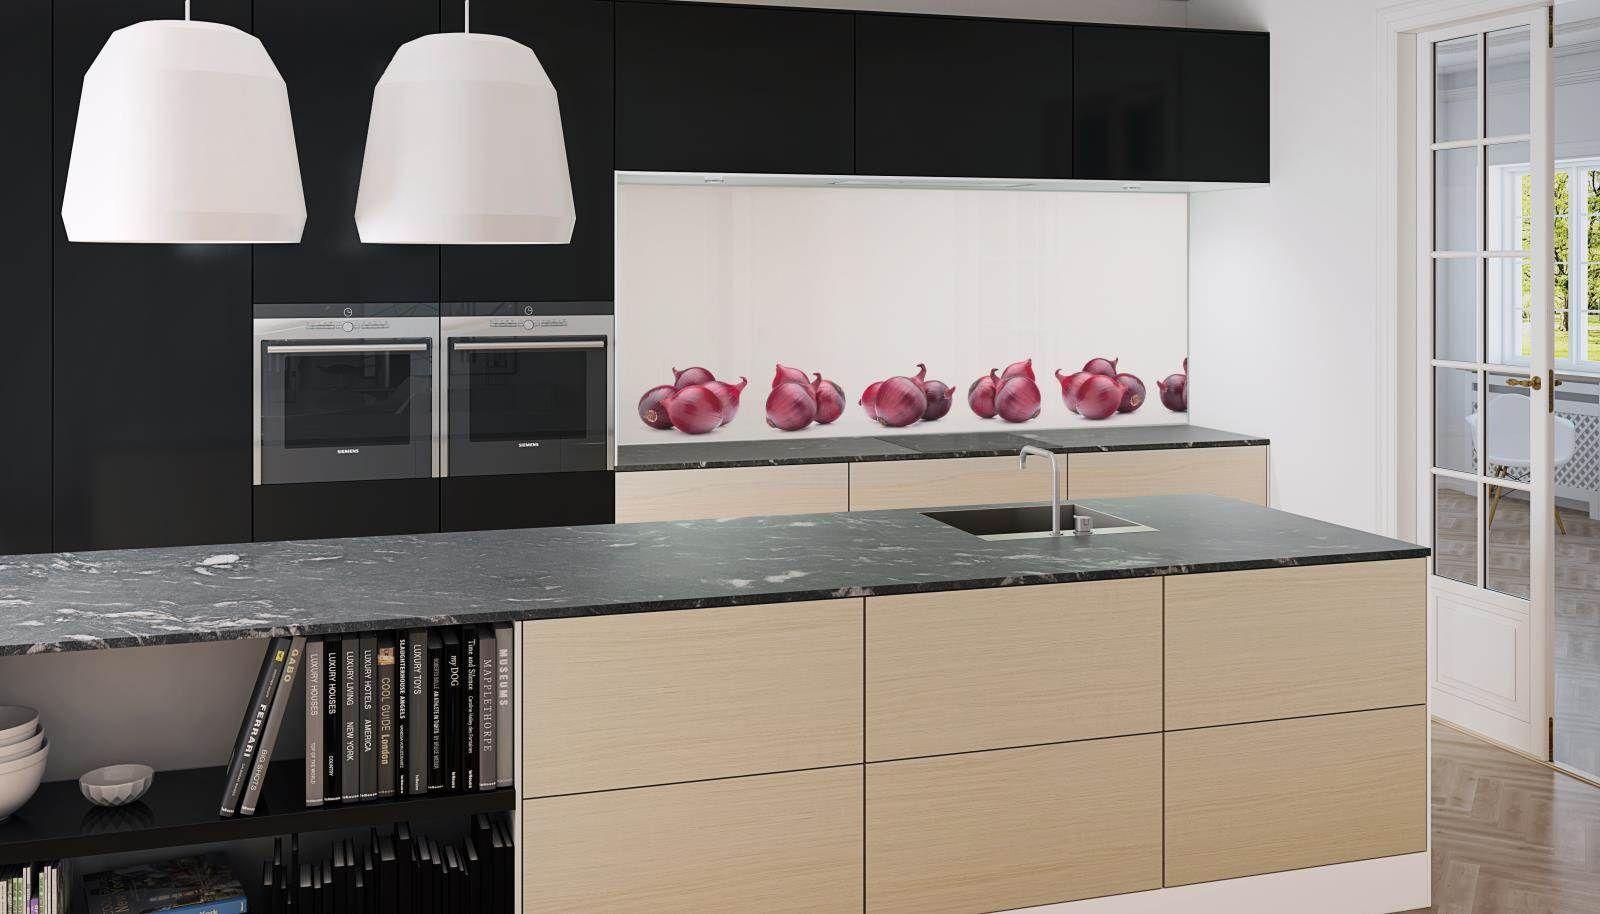 Lechner Kuchenarbeitsplatten Design Black Cosmic Arbeitsplatte Granit Arbeitsplatte Naturstein Arbeitsplatten